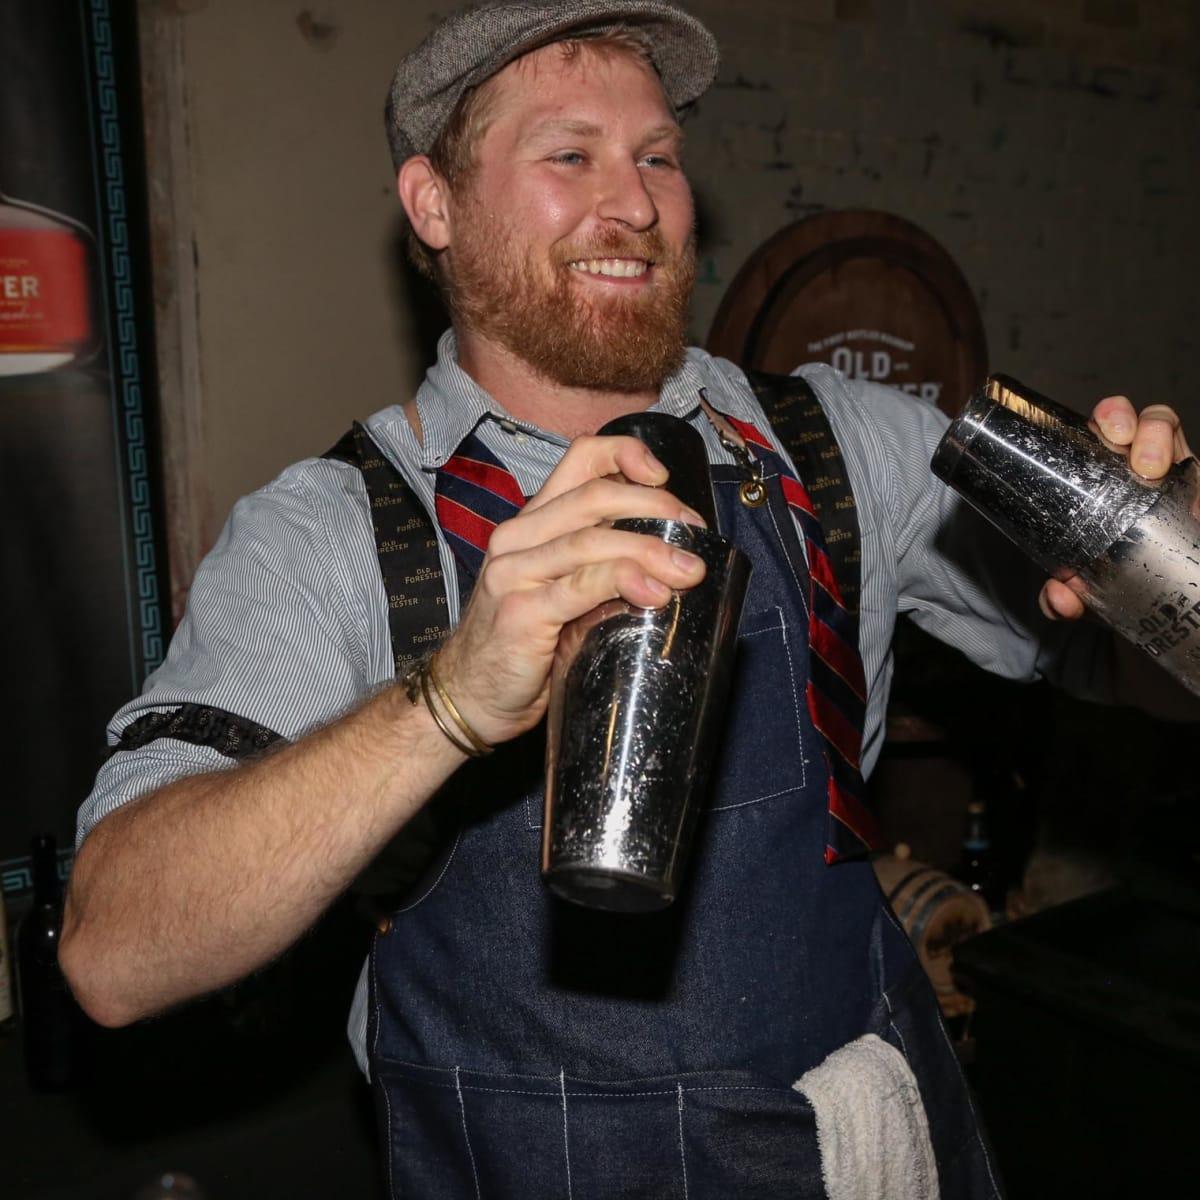 CultureMap Old Forester Bourbon Ball 2016 Lucus Felek Geraldine's